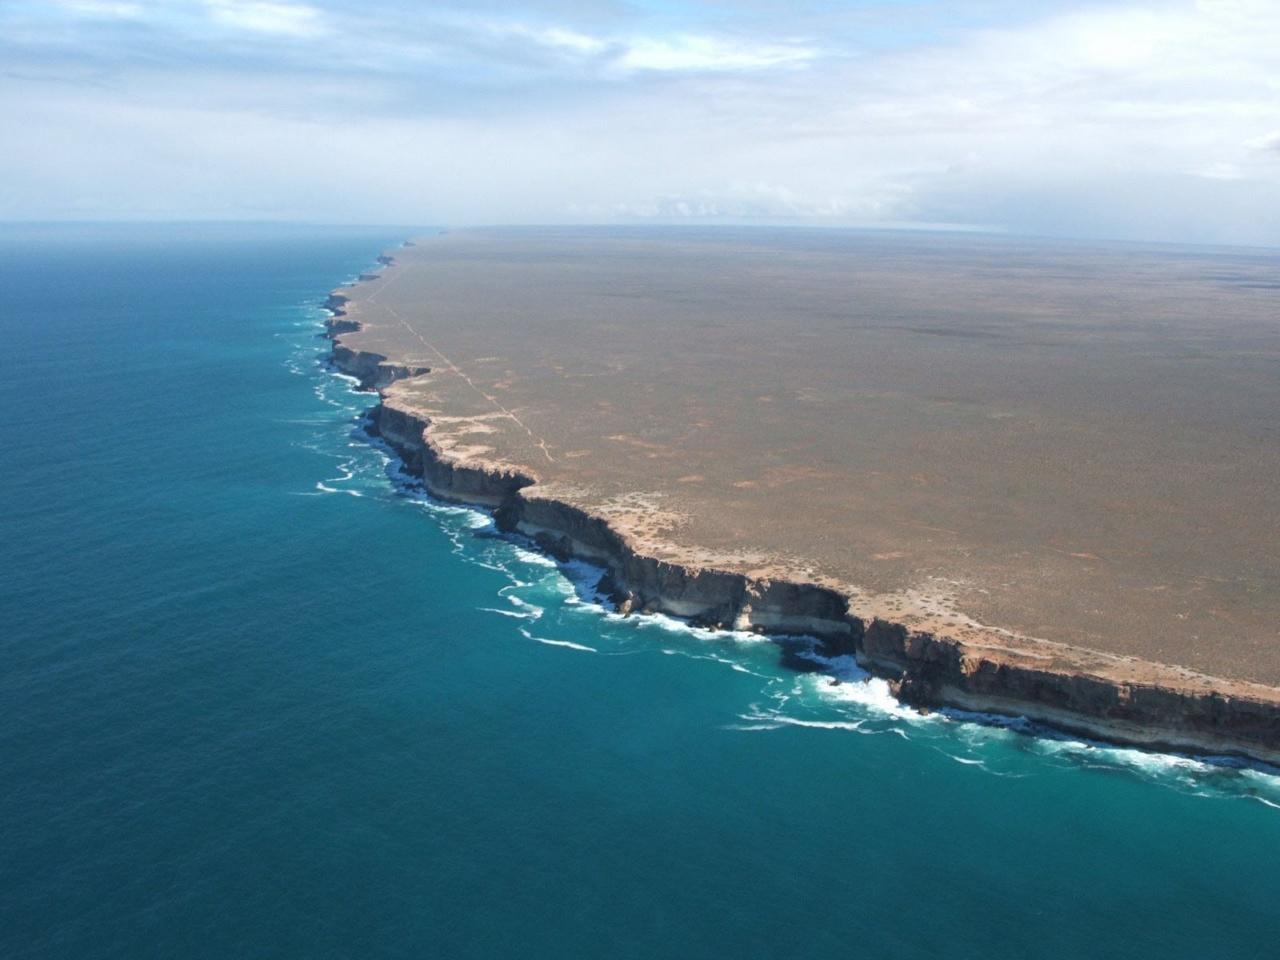 Равнина Налларбор (Nullarbor Plain) и утесы Банда (Bunda Cliffs)